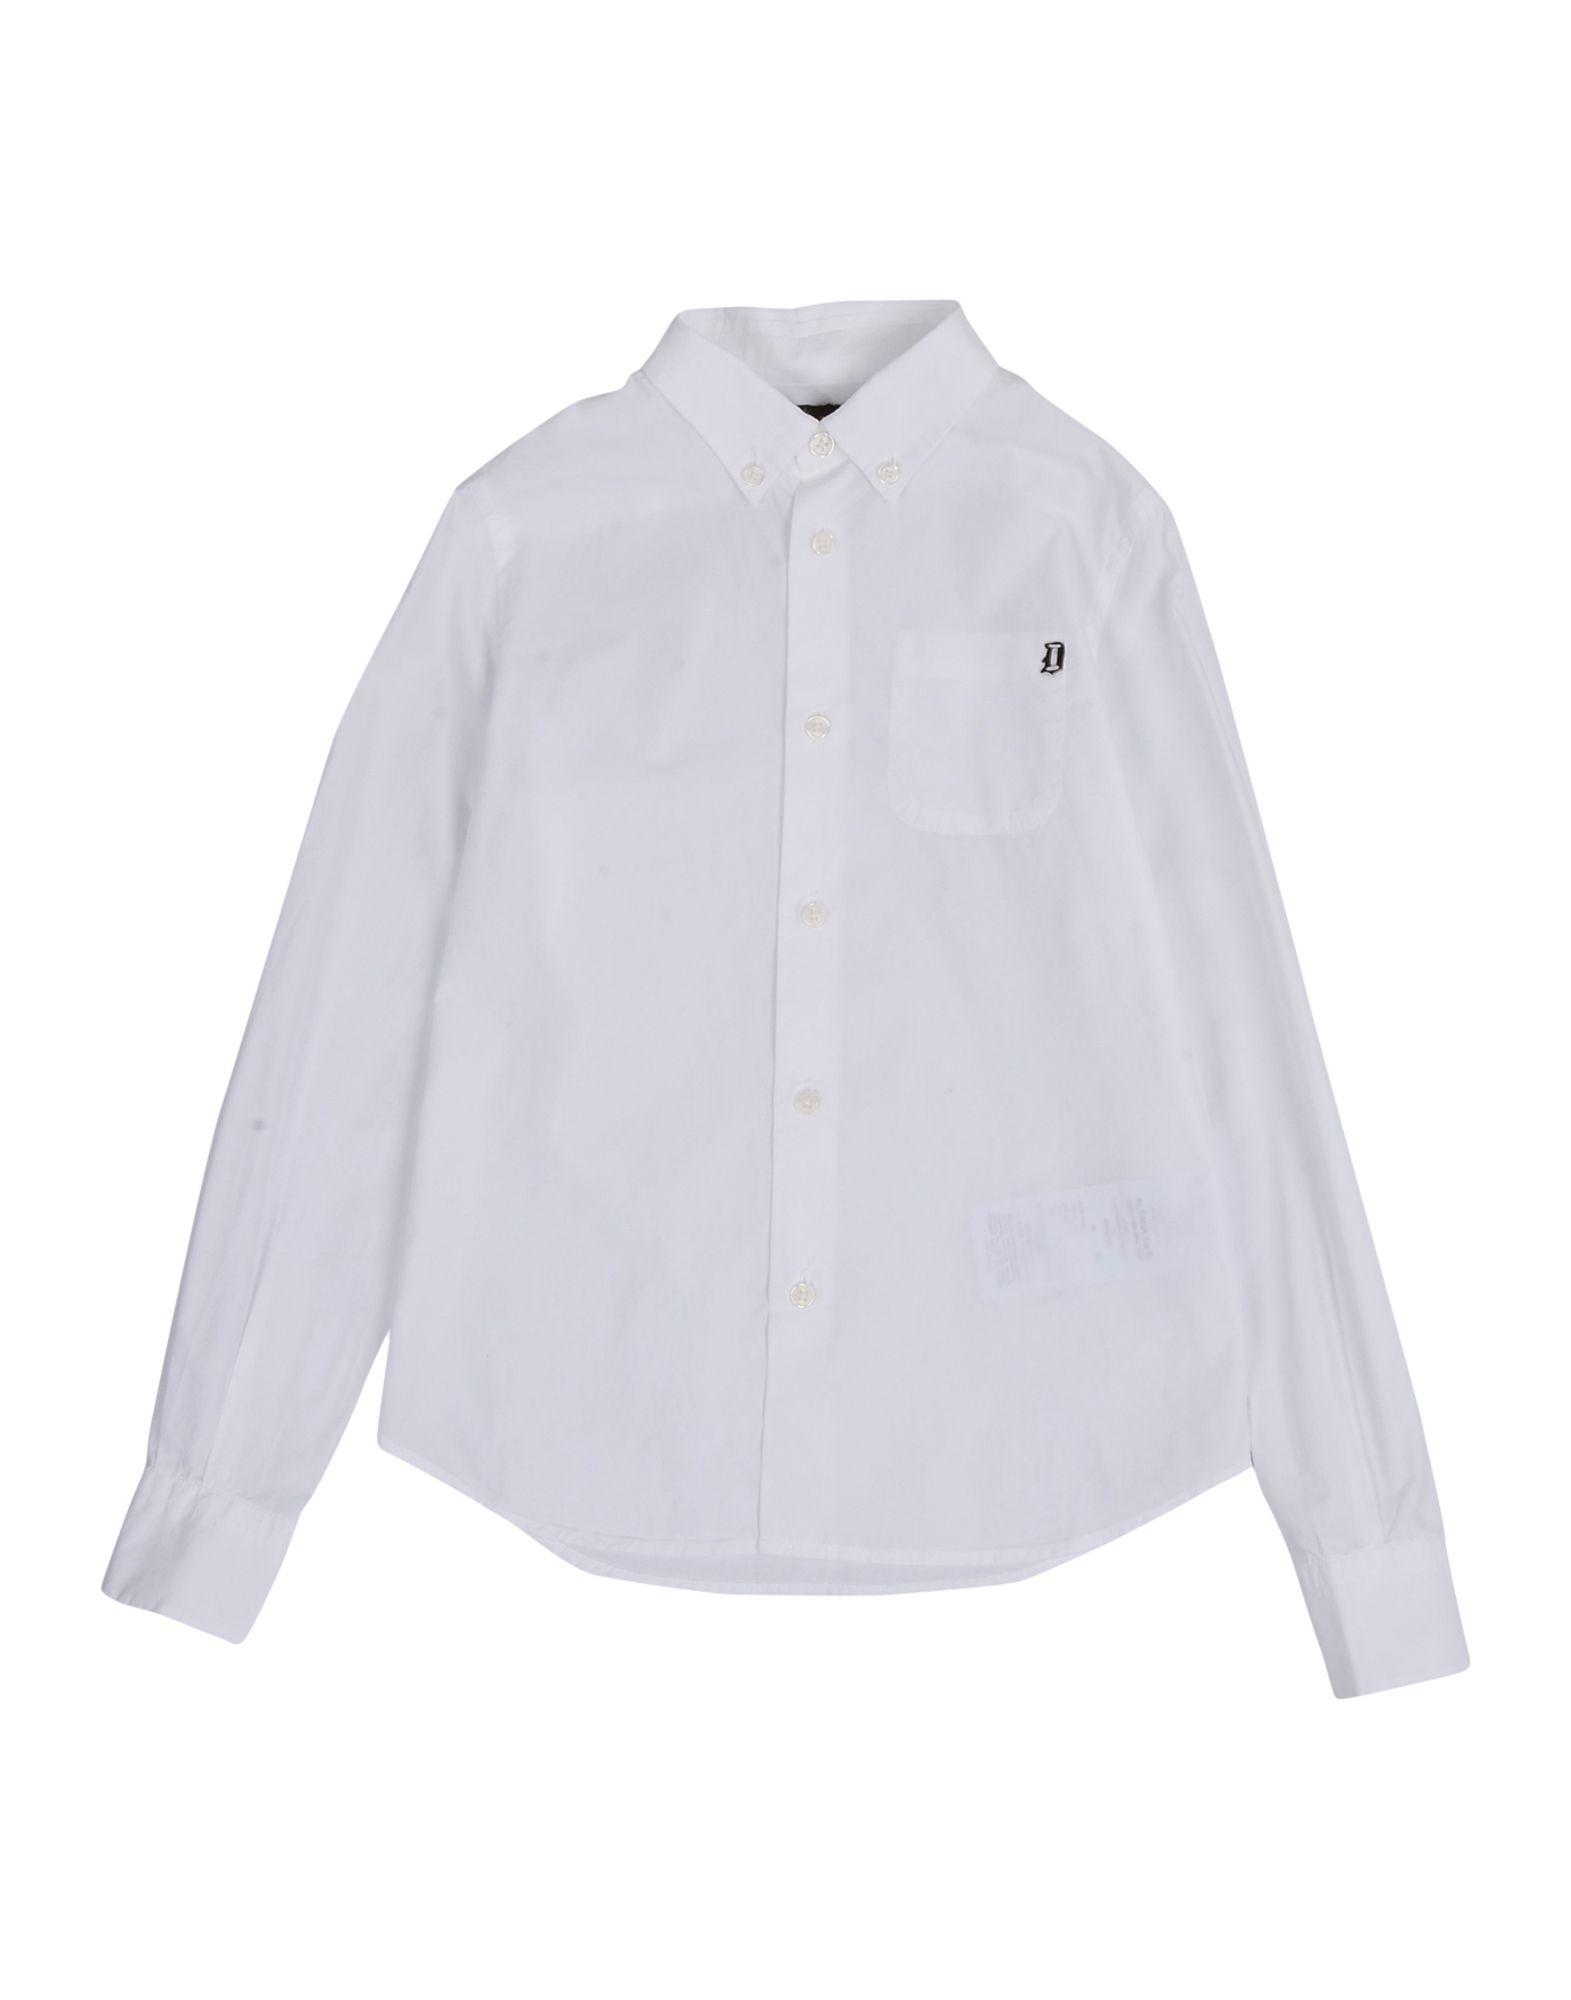 DONDUP DKING Jungen 3-8 jahre Hemd Farbe Weiß Größe 6 jetztbilligerkaufen